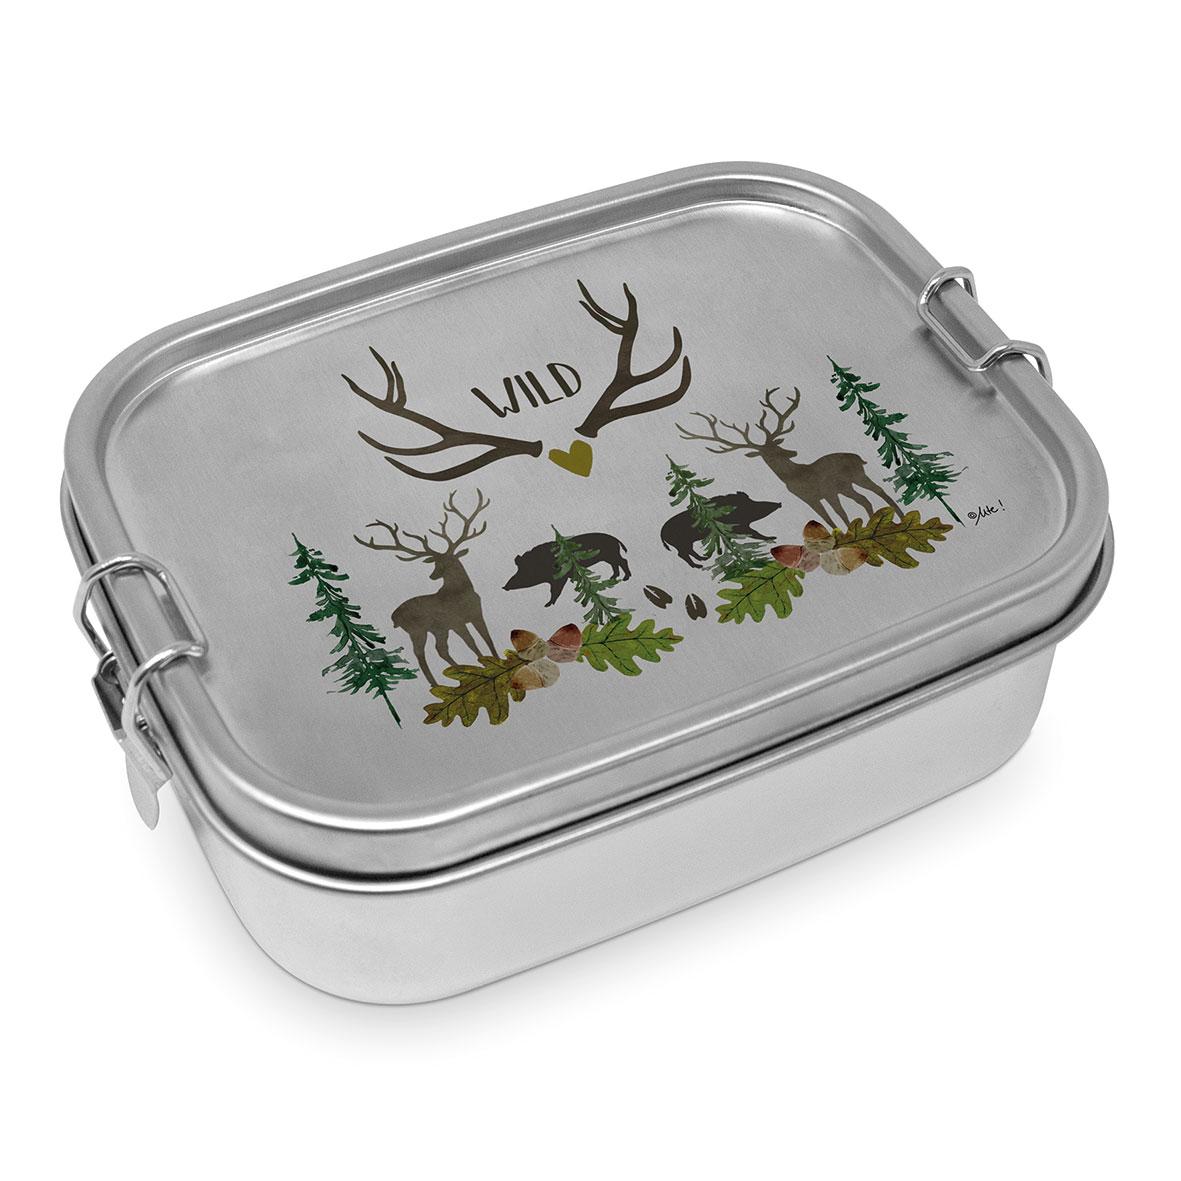 Wild Steel Lunch Box